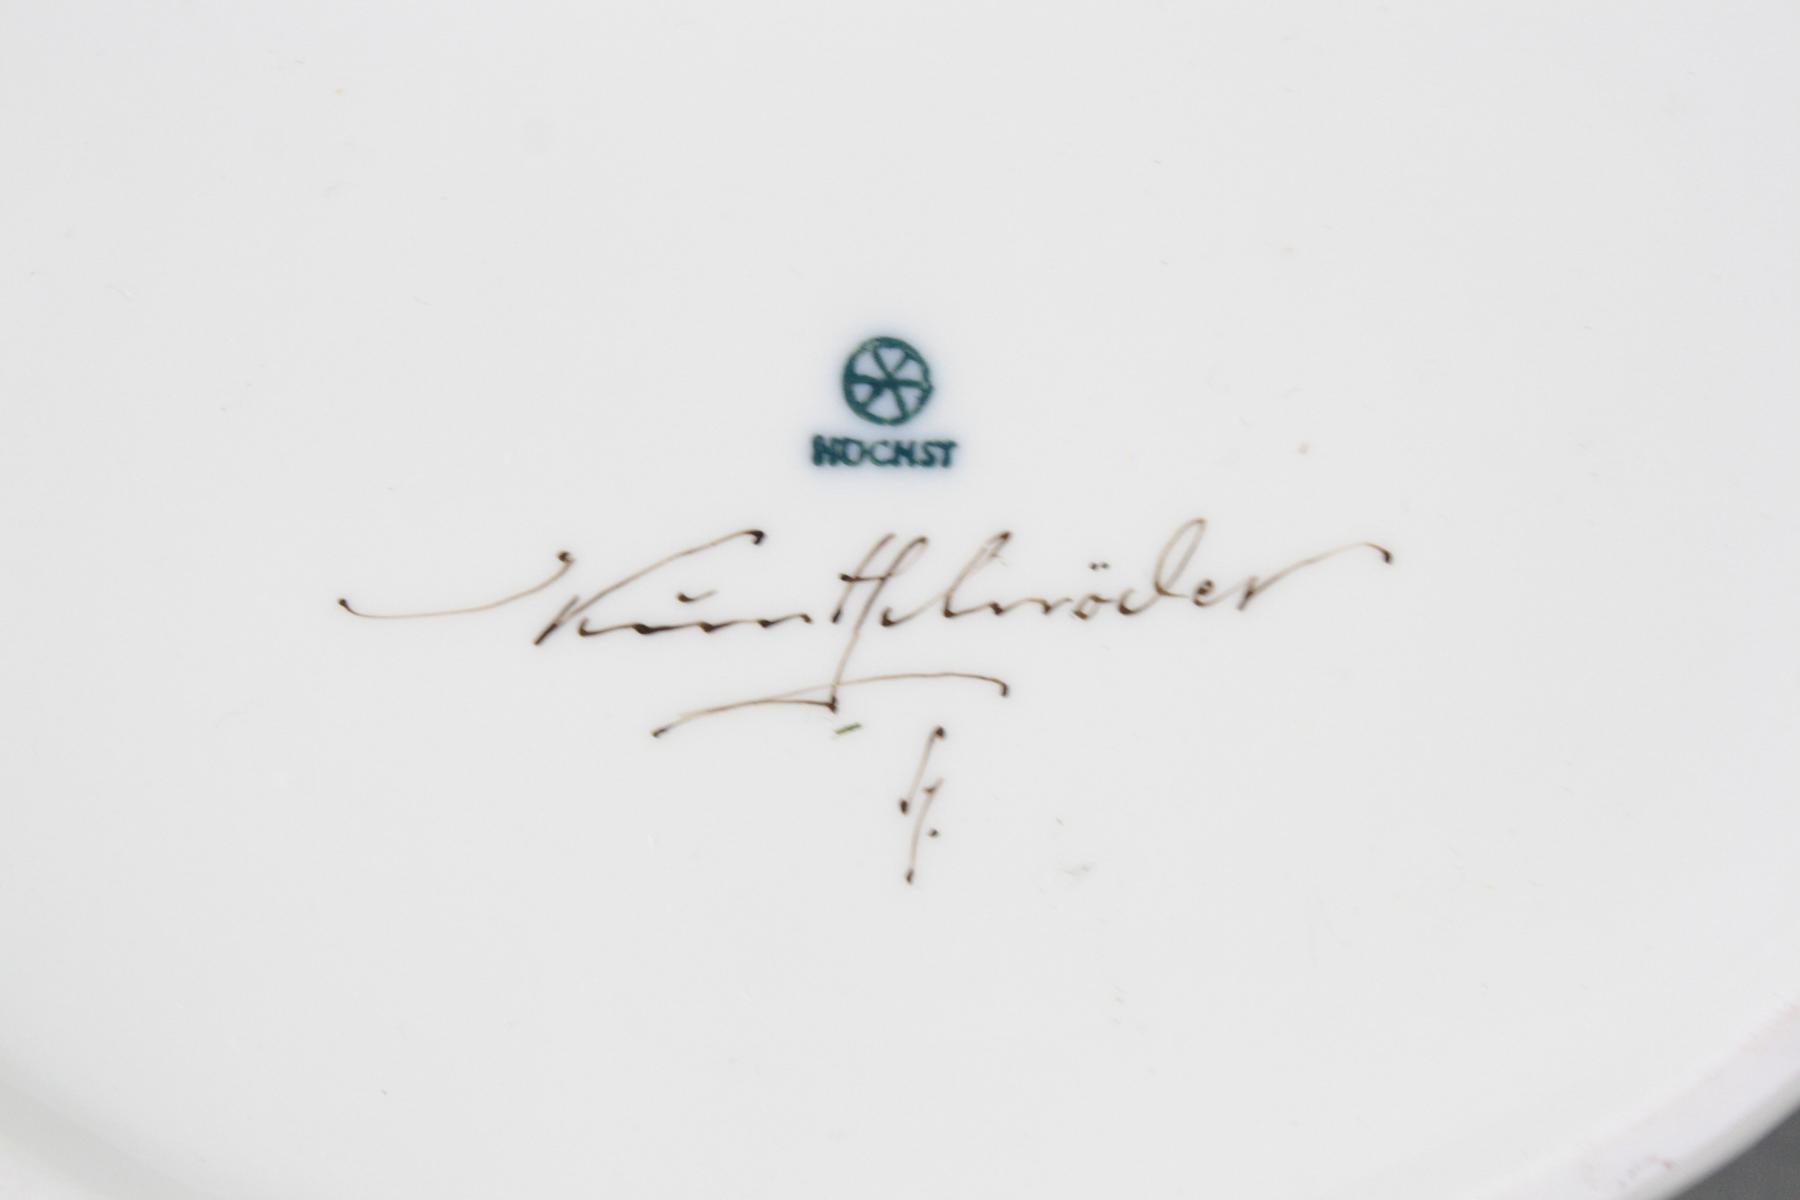 Deckeldose – Hoechst, Malersignatur Kurt Schröder-4